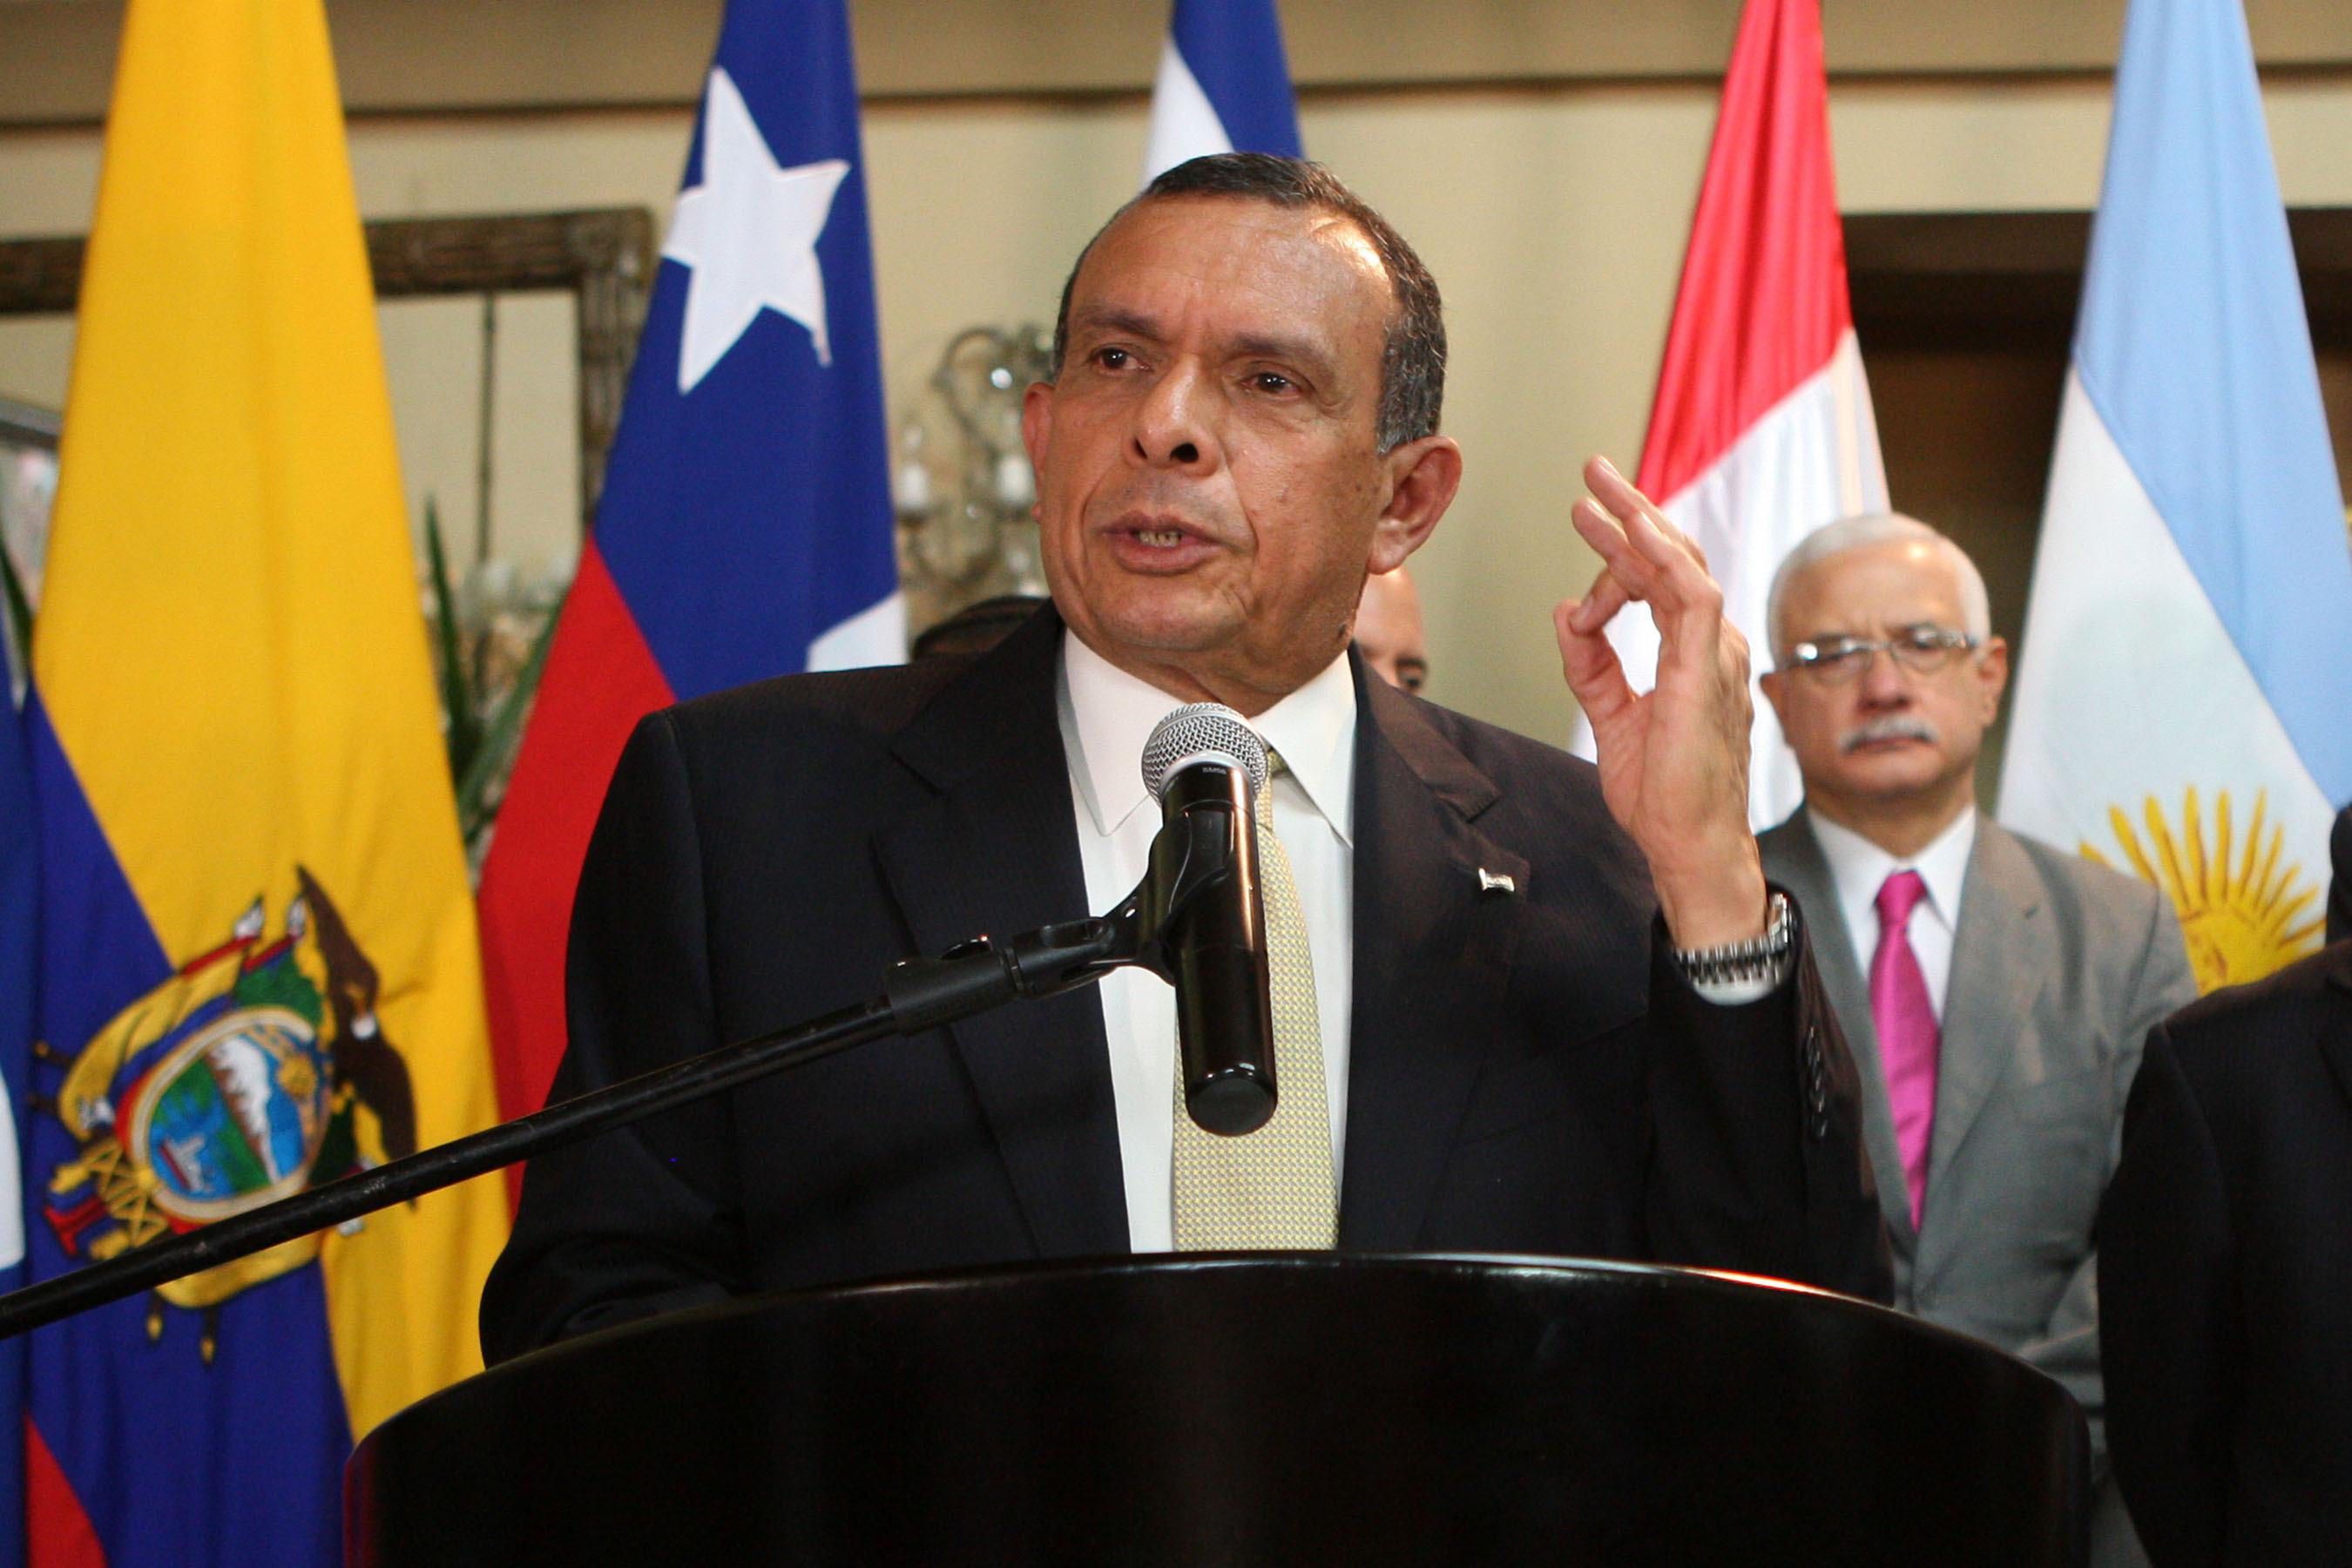 EL PRESIDENTE DE HONDURAS, PORFIRIO LOBO SOSA MUEVE INSCRIPCION AL TPS